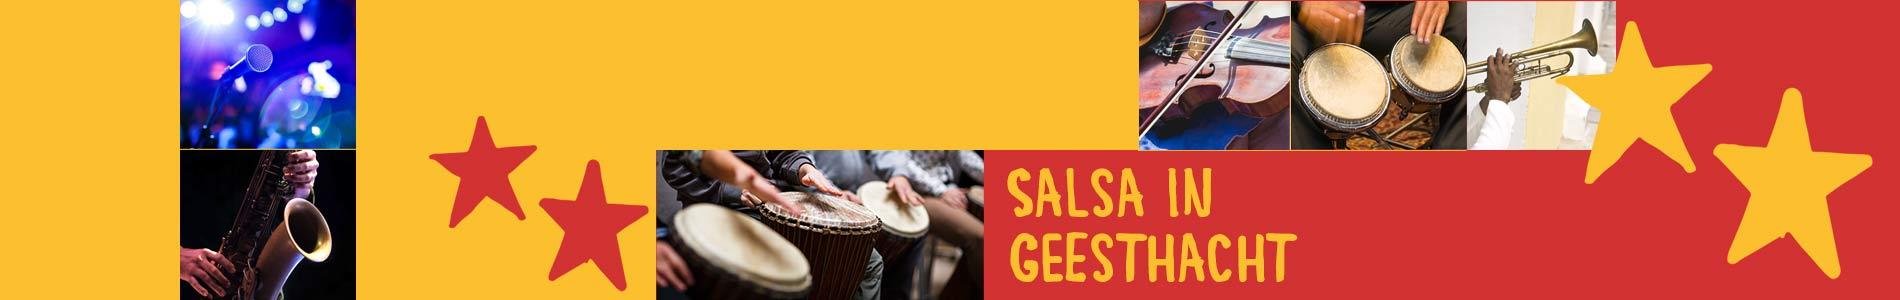 Salsa in Geesthacht – Salsa lernen und tanzen, Tanzkurse, Partys, Veranstaltungen